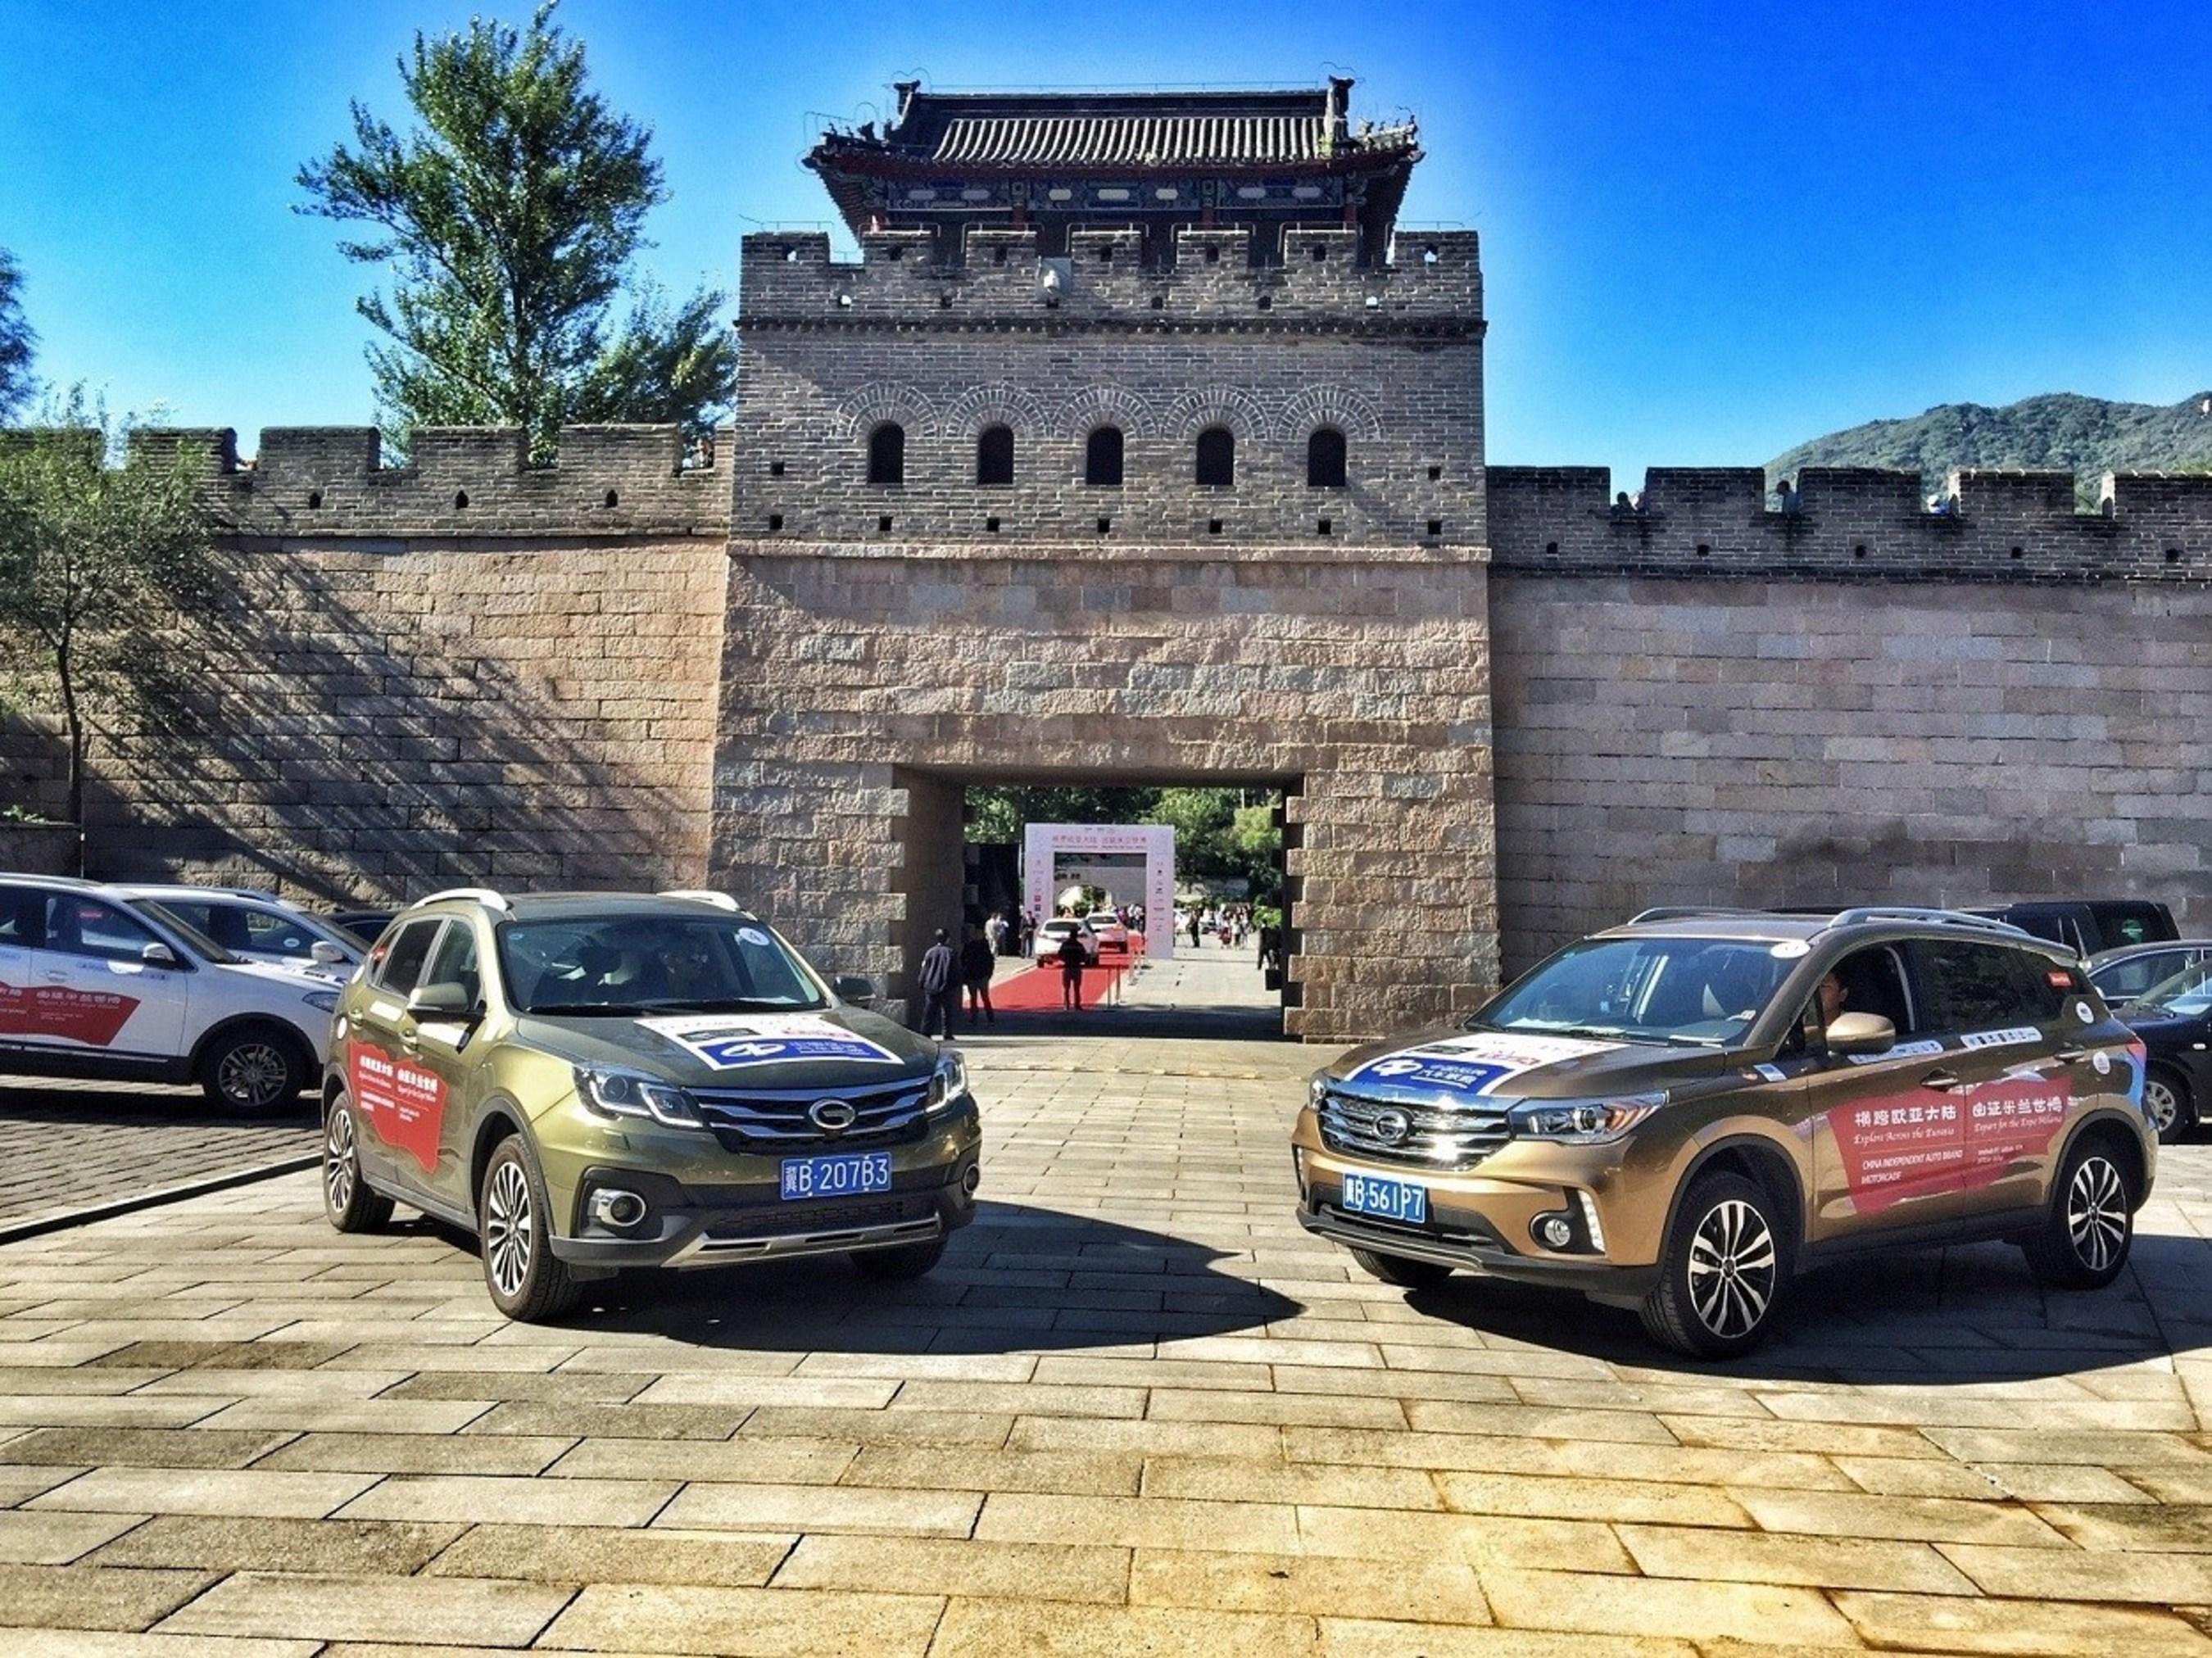 GAC MOTOR отправляется в азиатско-европейский тур протяженностью 15 000 километров по маршруту